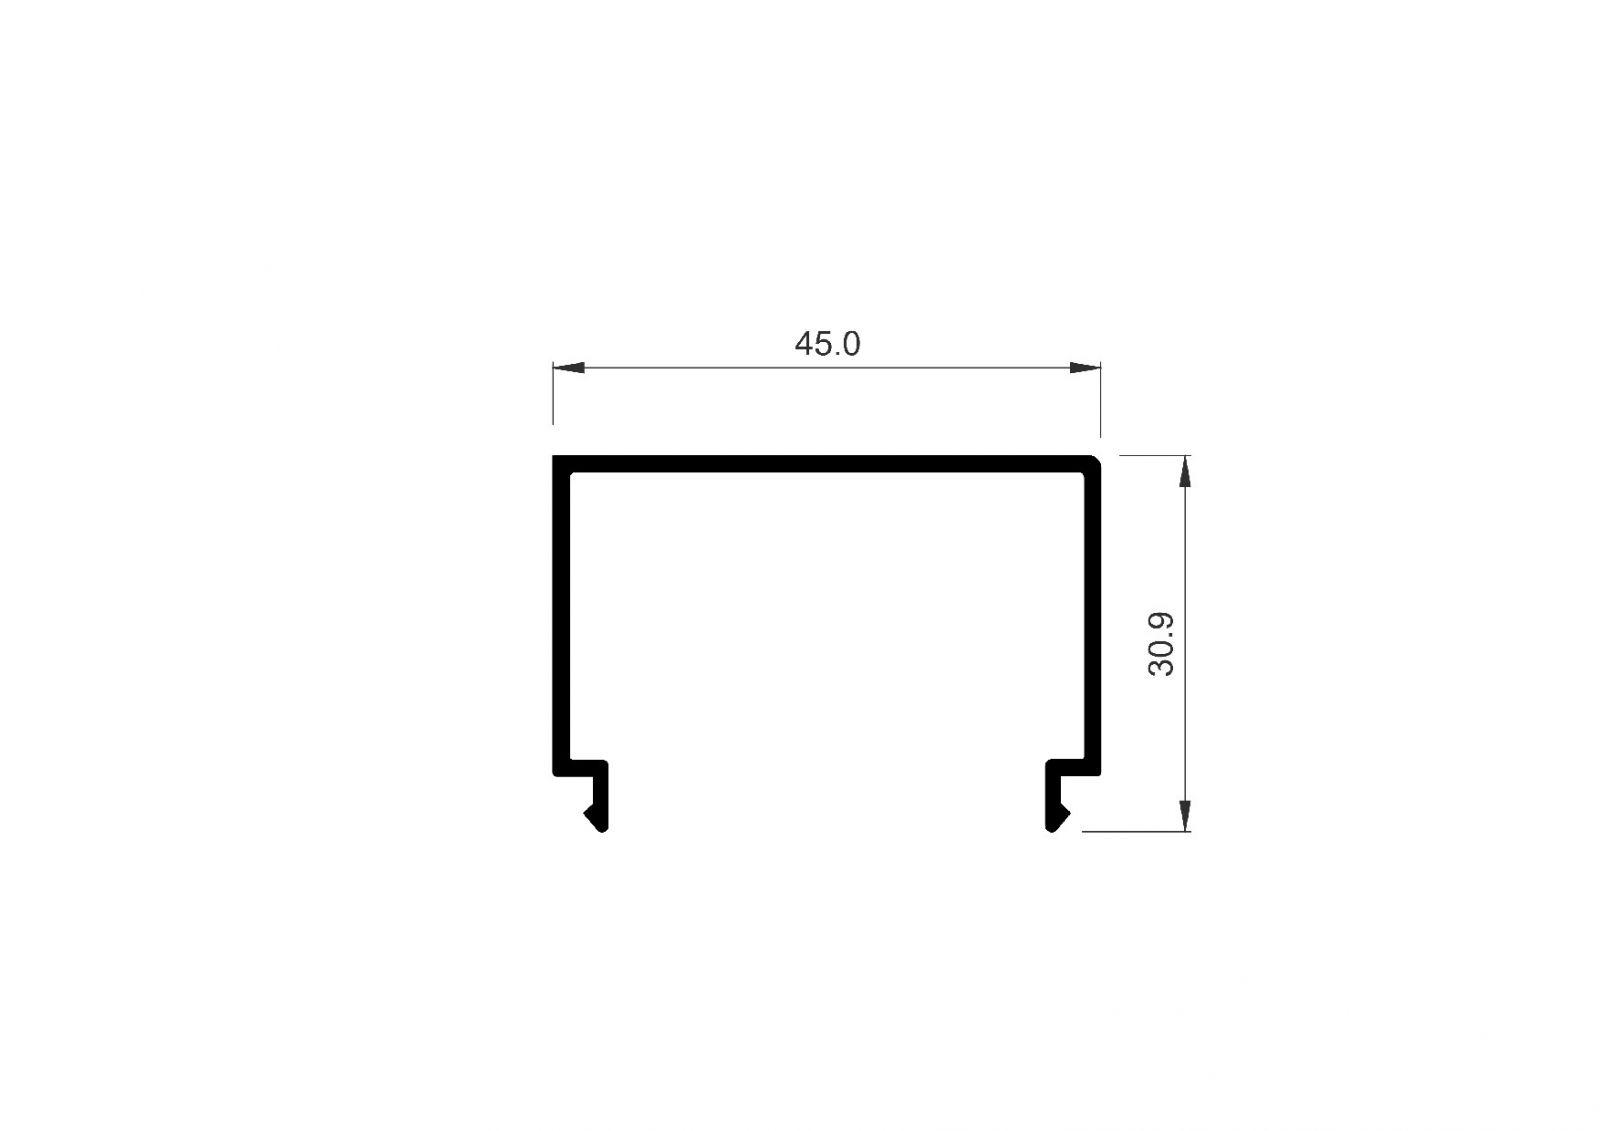 Krycí lišta L profilu pro Hliníkový kotvící profil L - vrchní kotvení délka 6,1mm